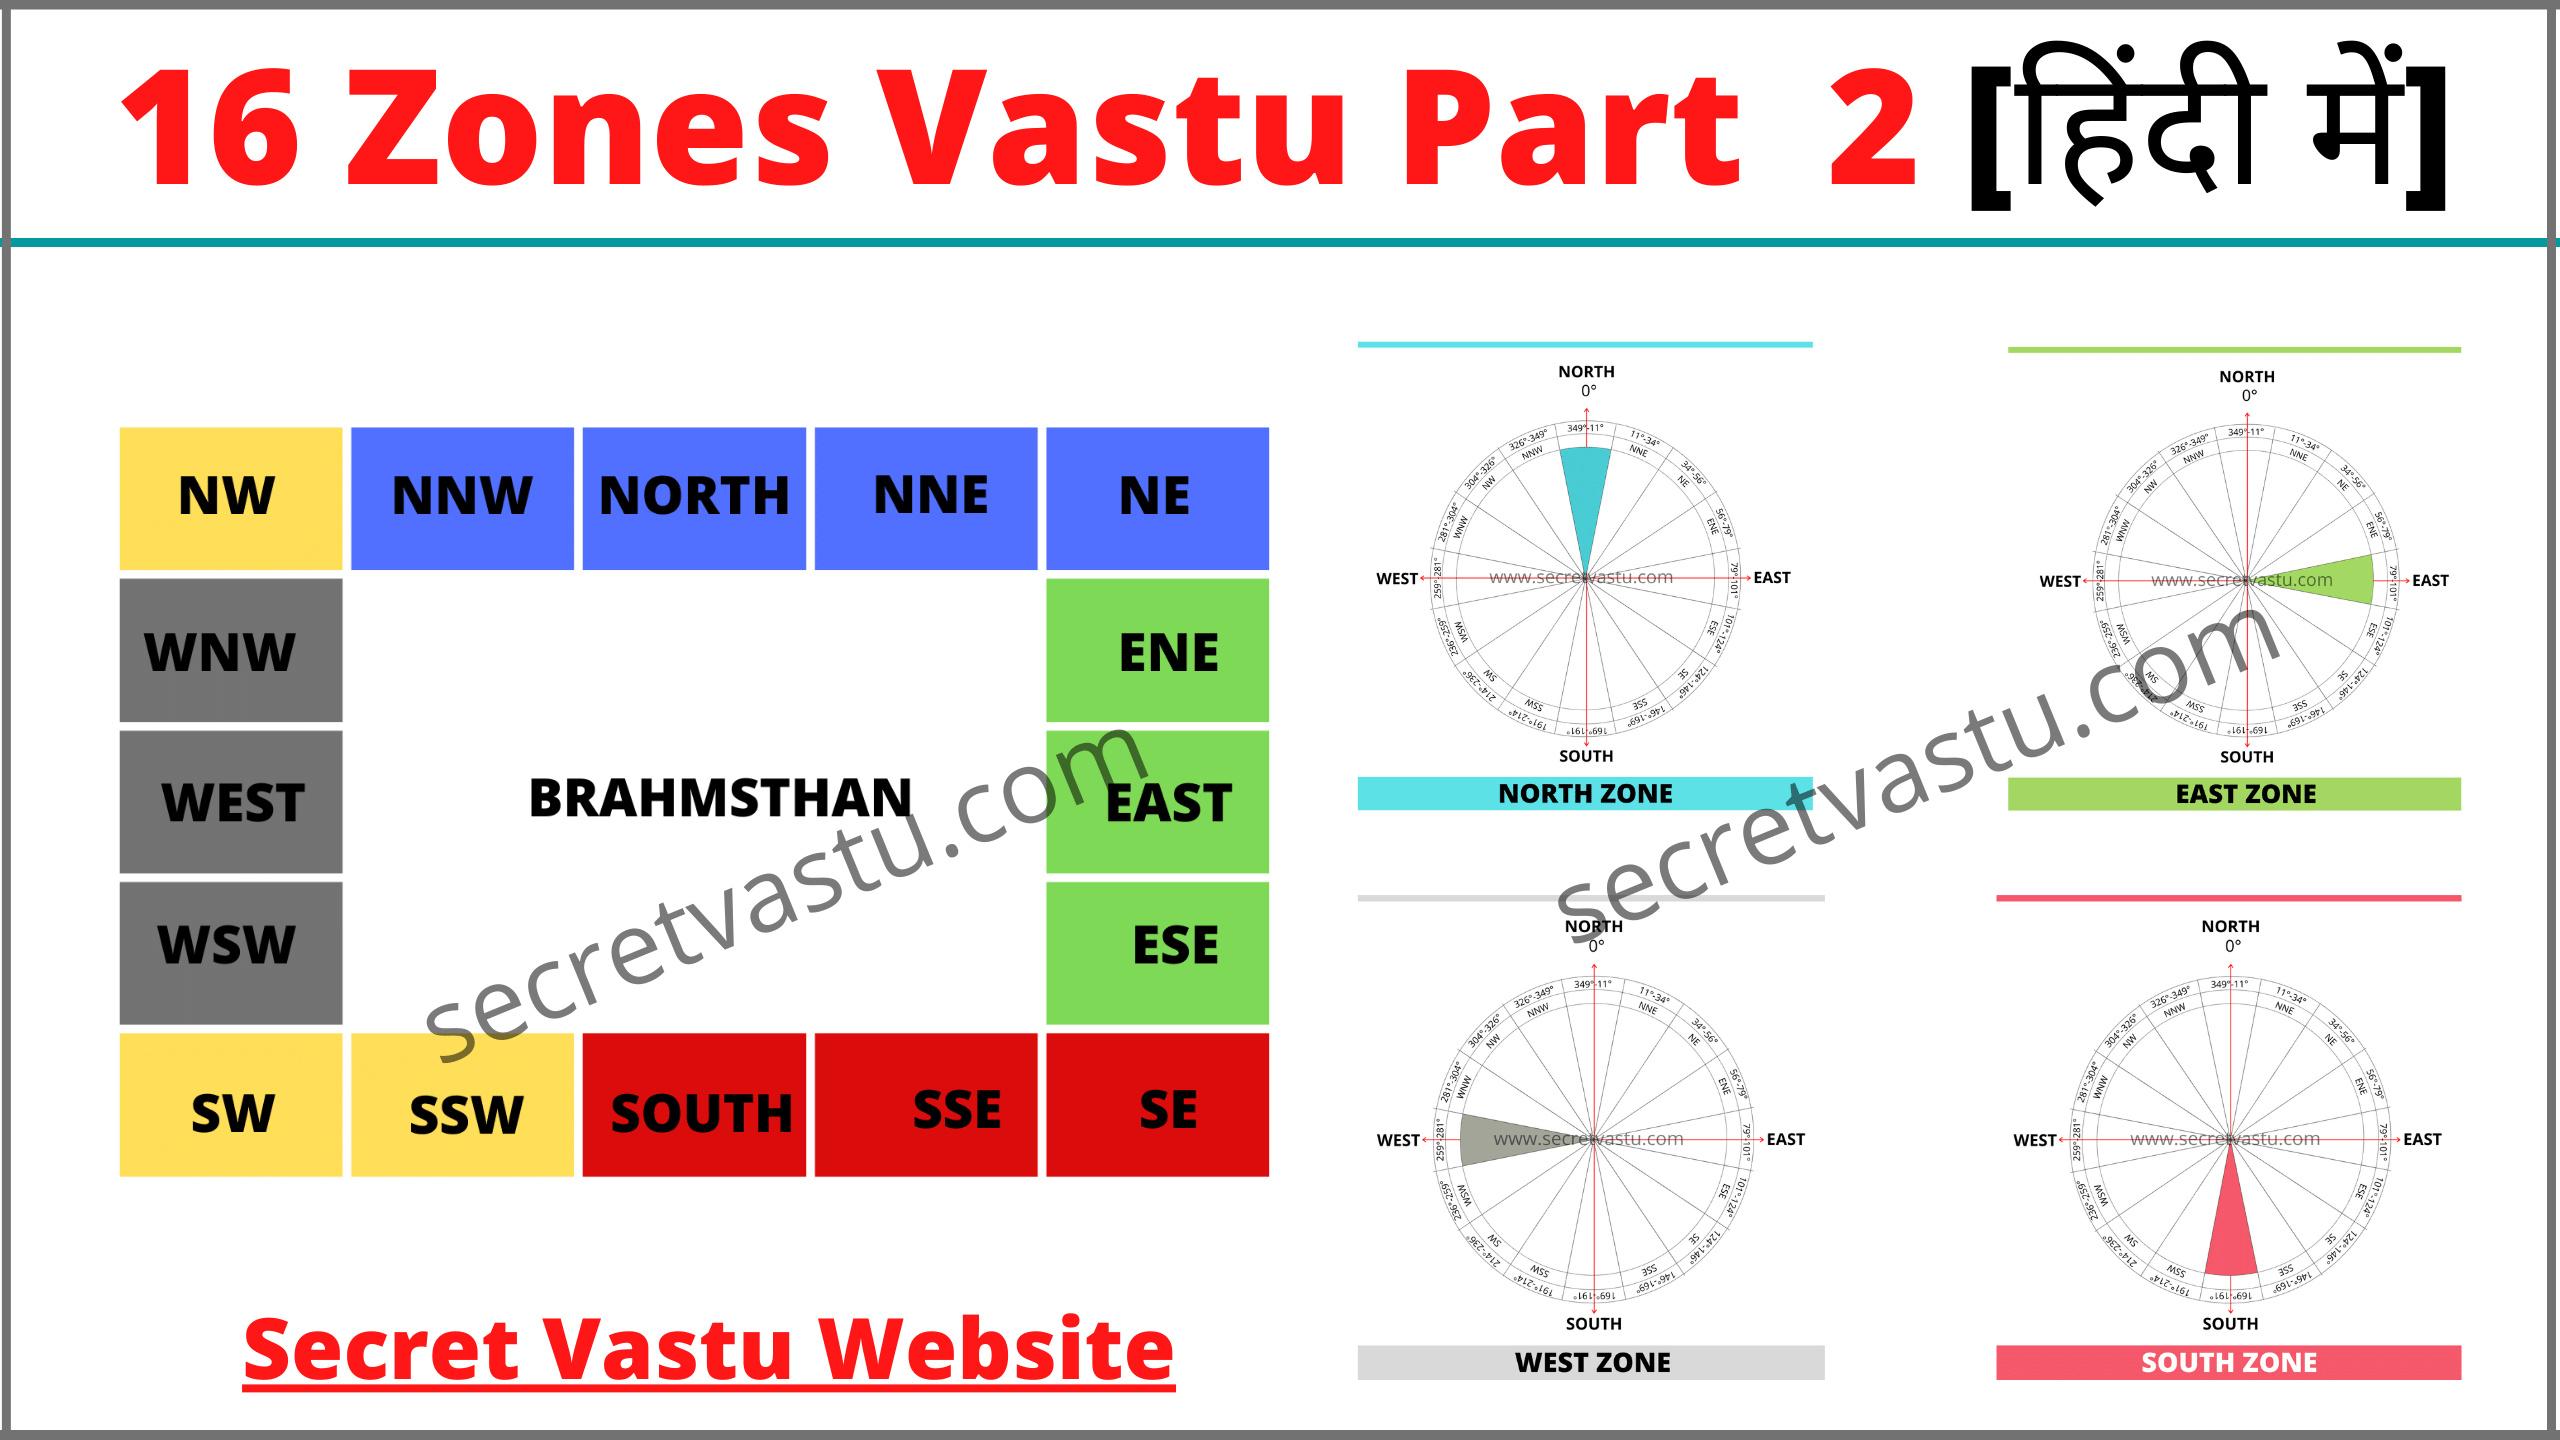 16 vastu zones part 2